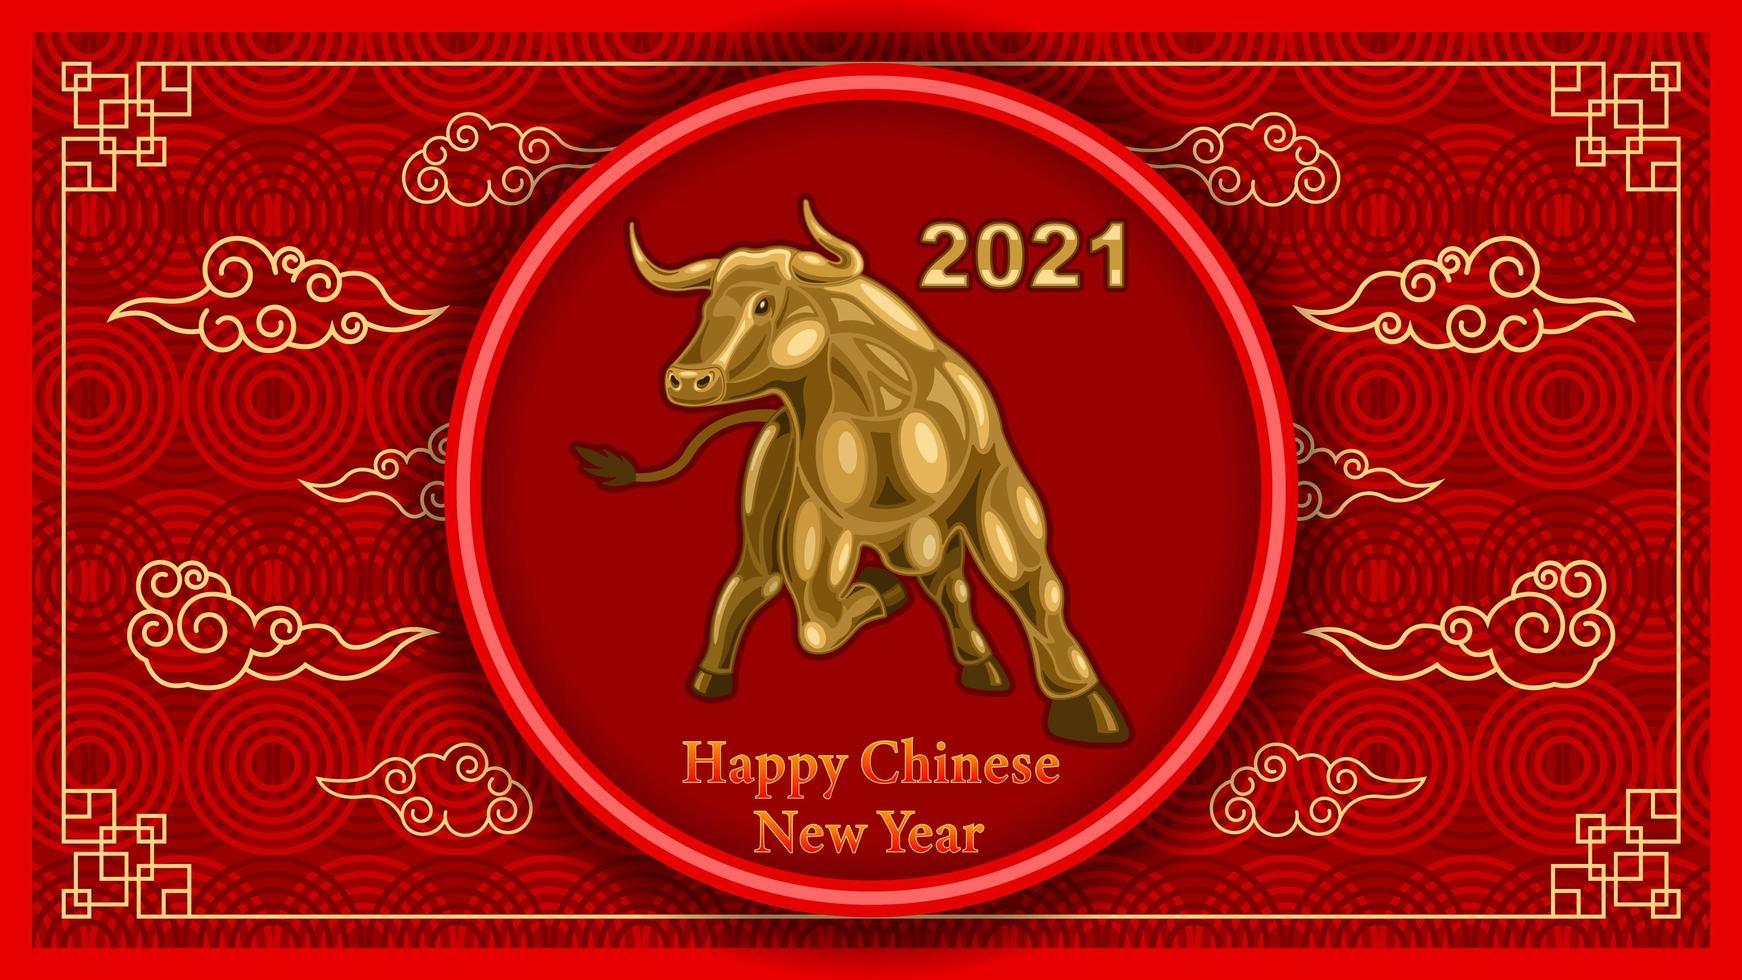 metall guldtjur, oxe, kinesiskt nyår bakgrund vektor